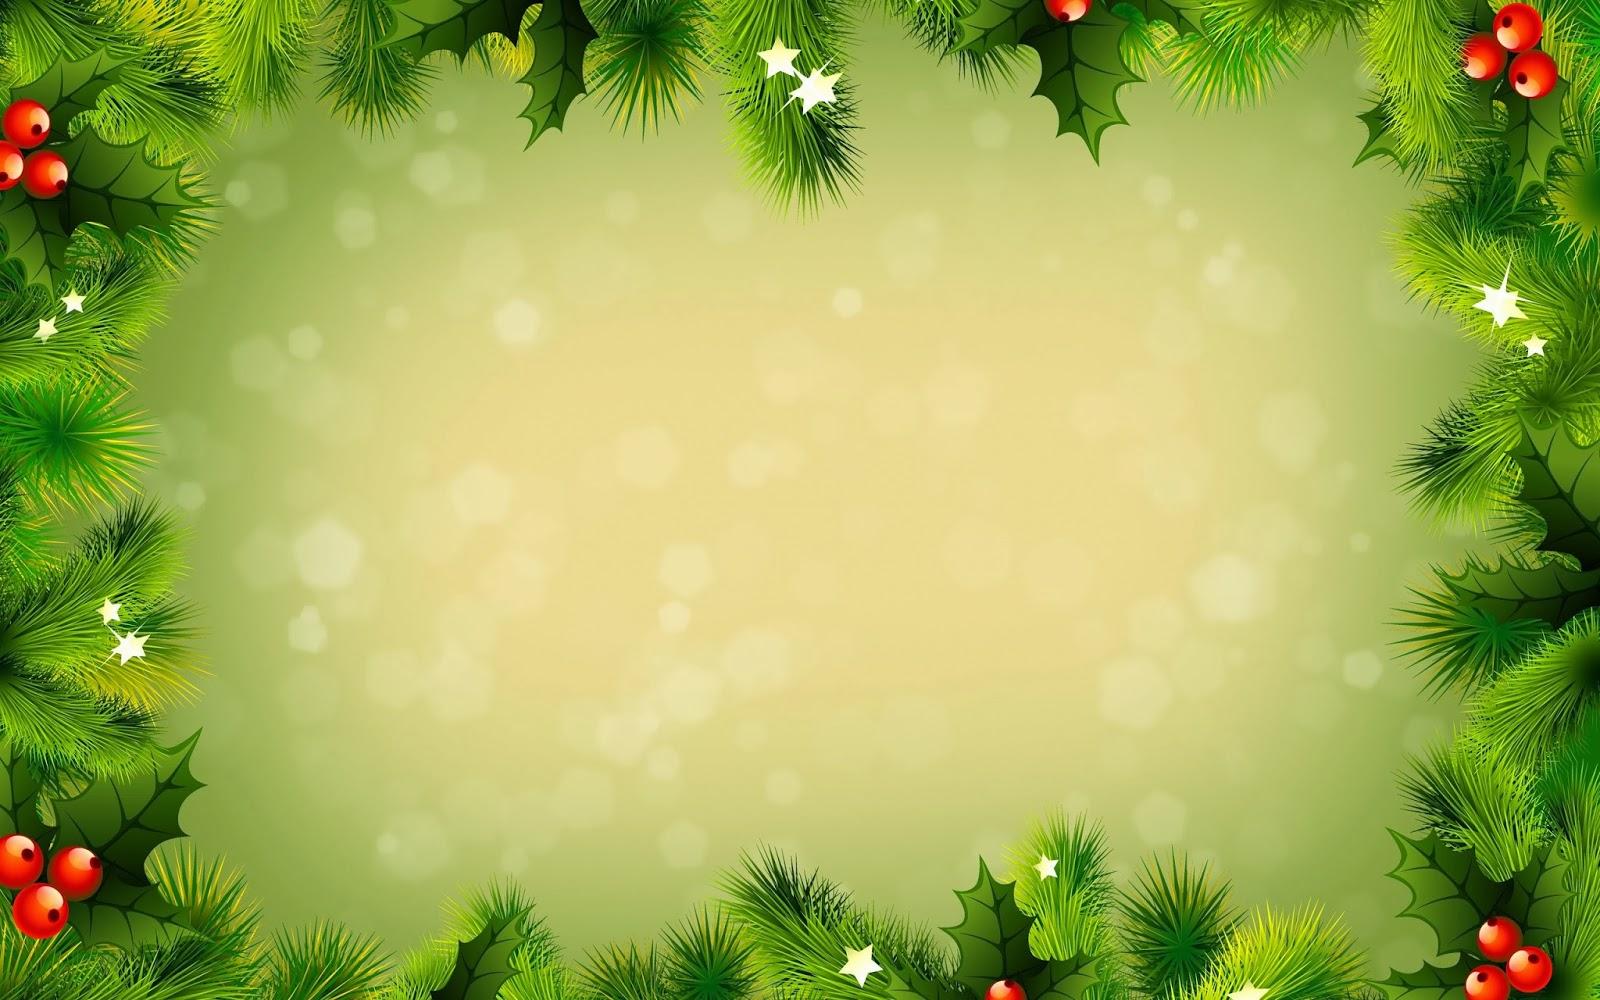 Group Of Christmas Card Designs Bg